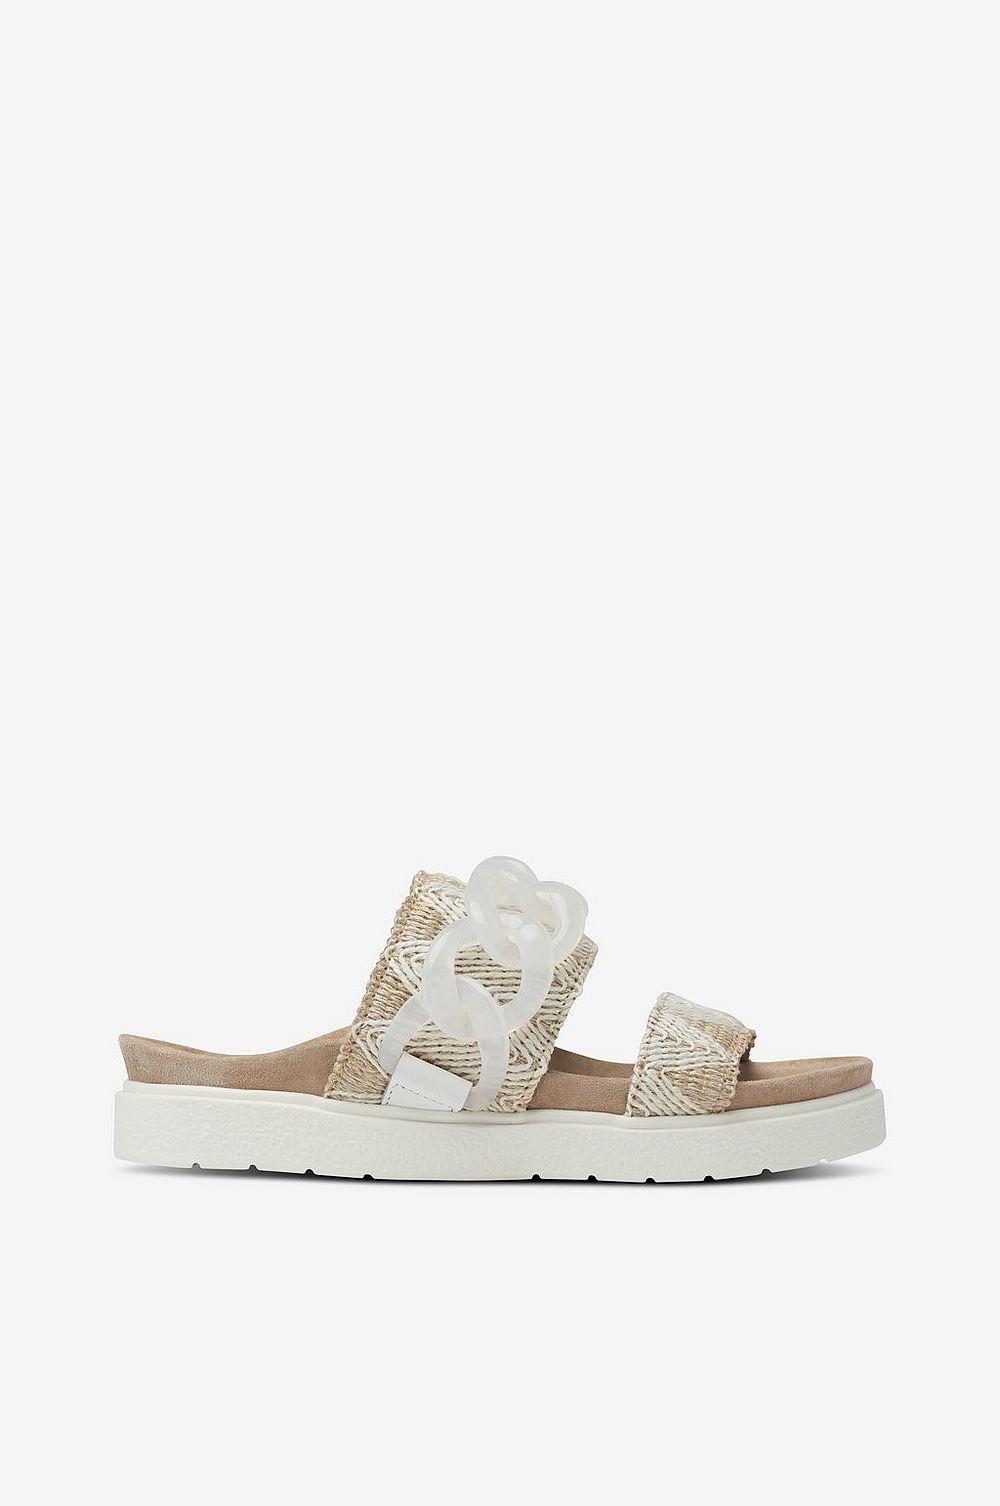 fb21480b2a9 INUIKII Sandal Sandal Sandal Slipper Chain Raffia Vit Dam 326ab9 ...